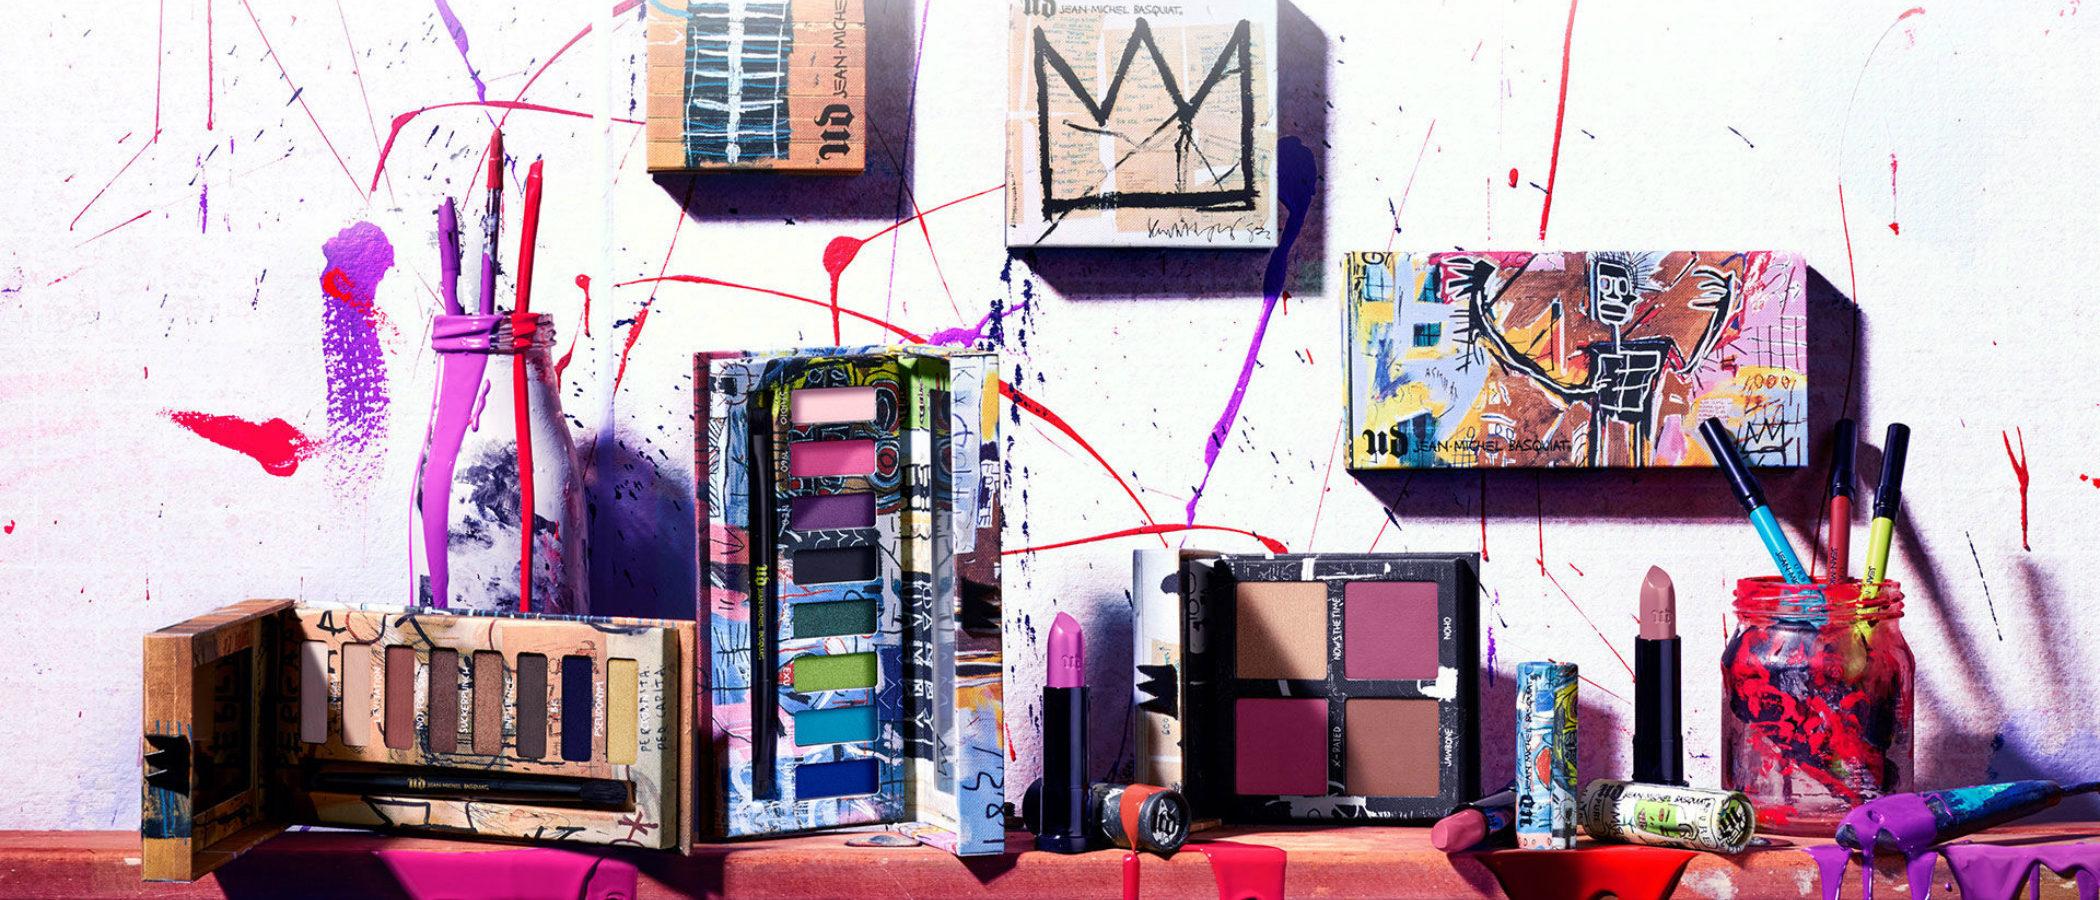 Urban Decay toma como inspiración de su nueva colección a Basquiat